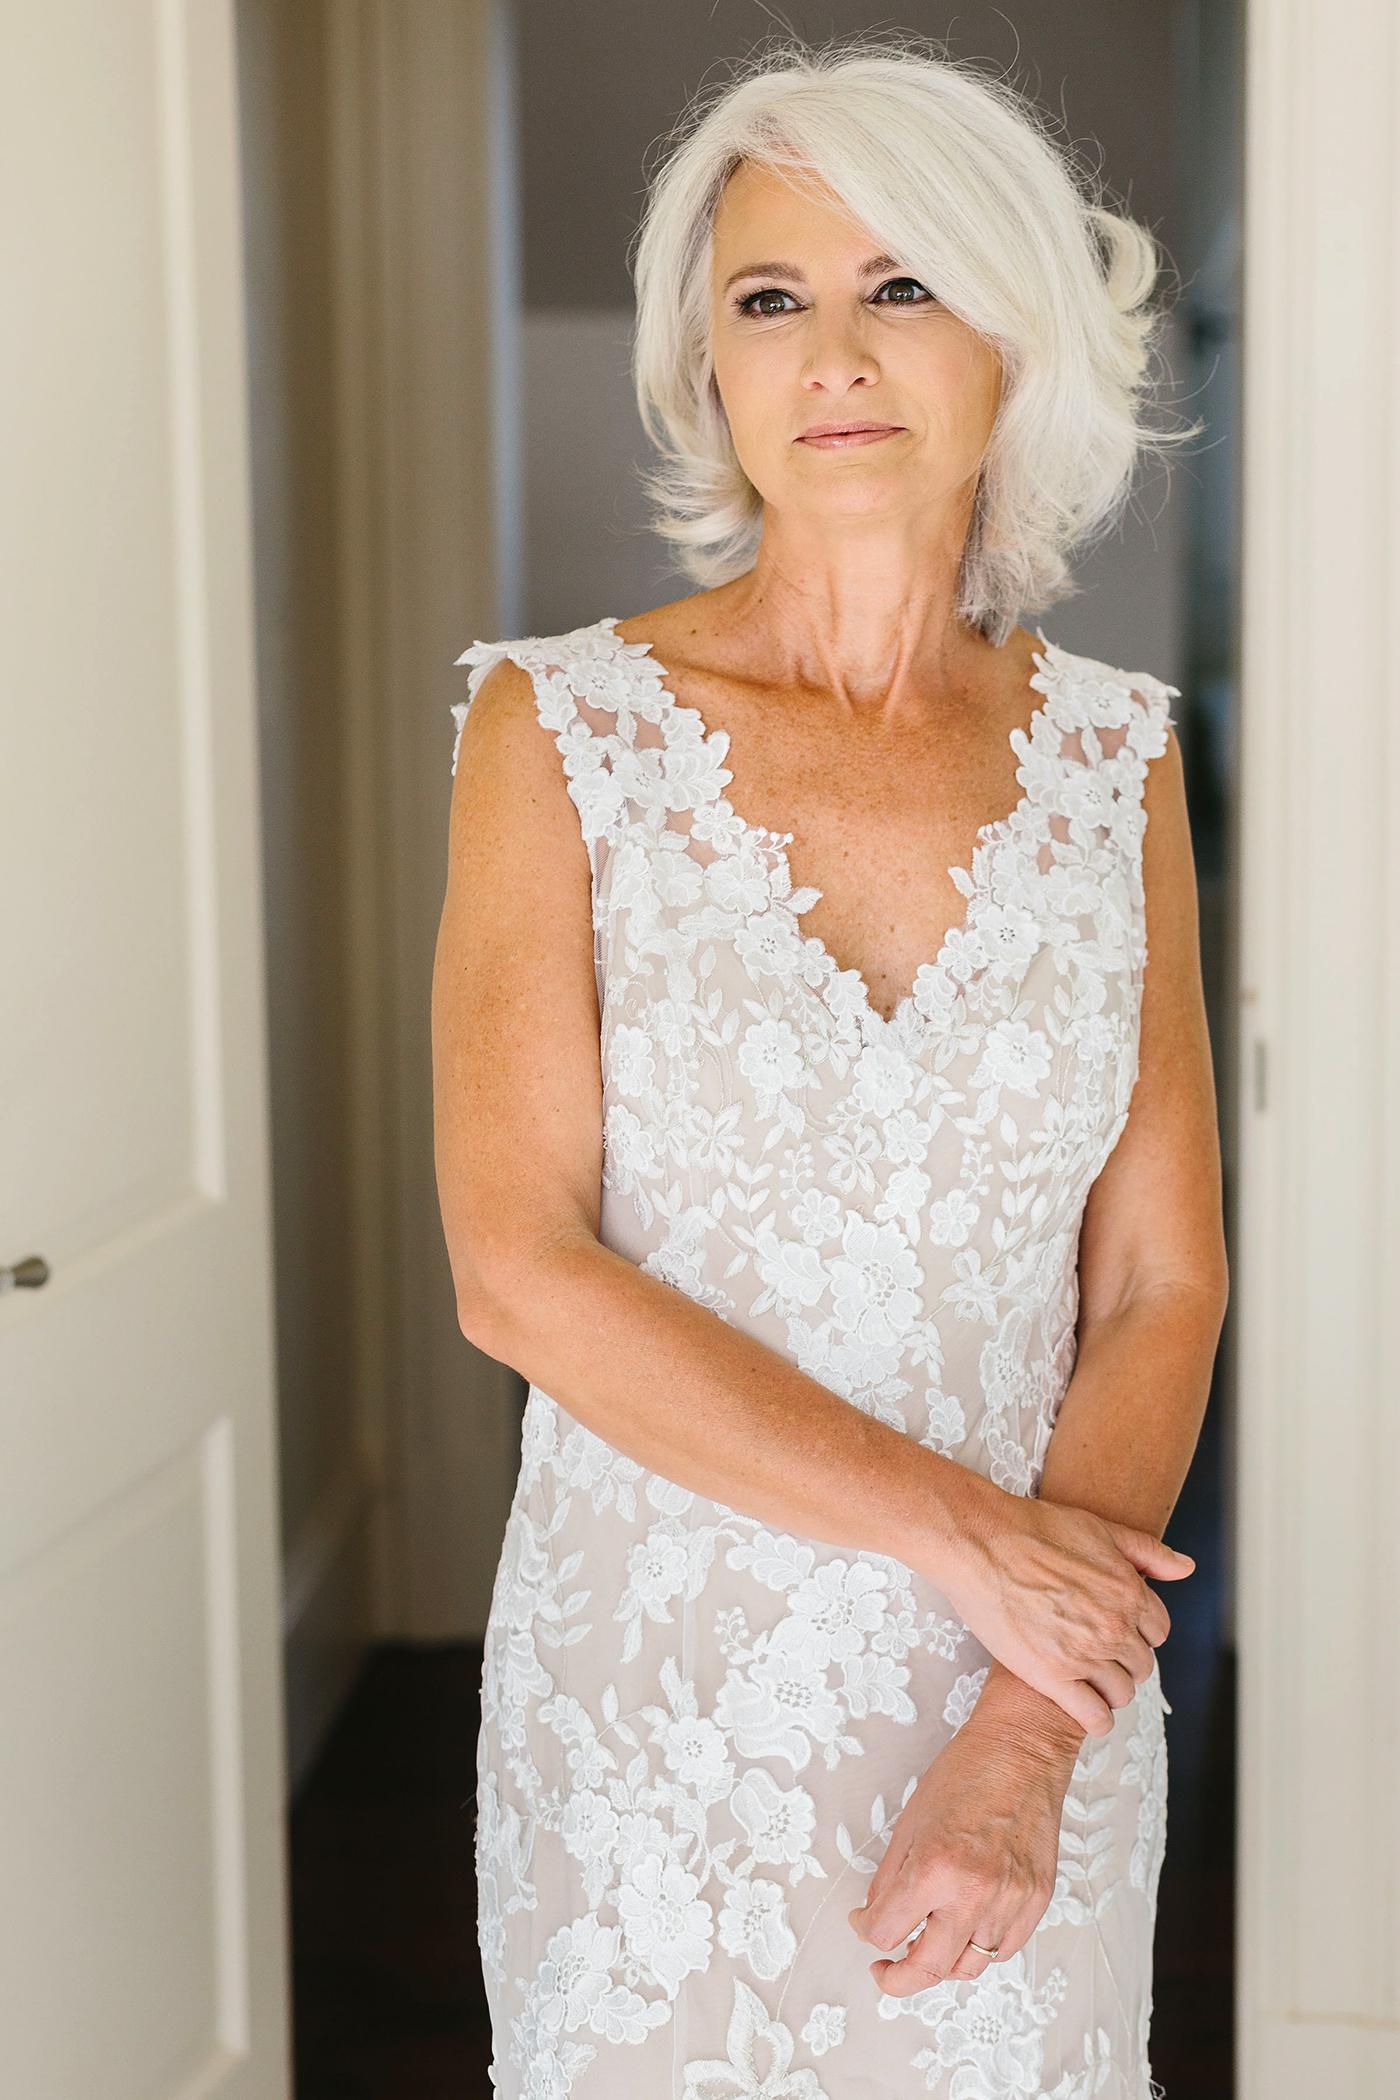 bride leaning against doorframe